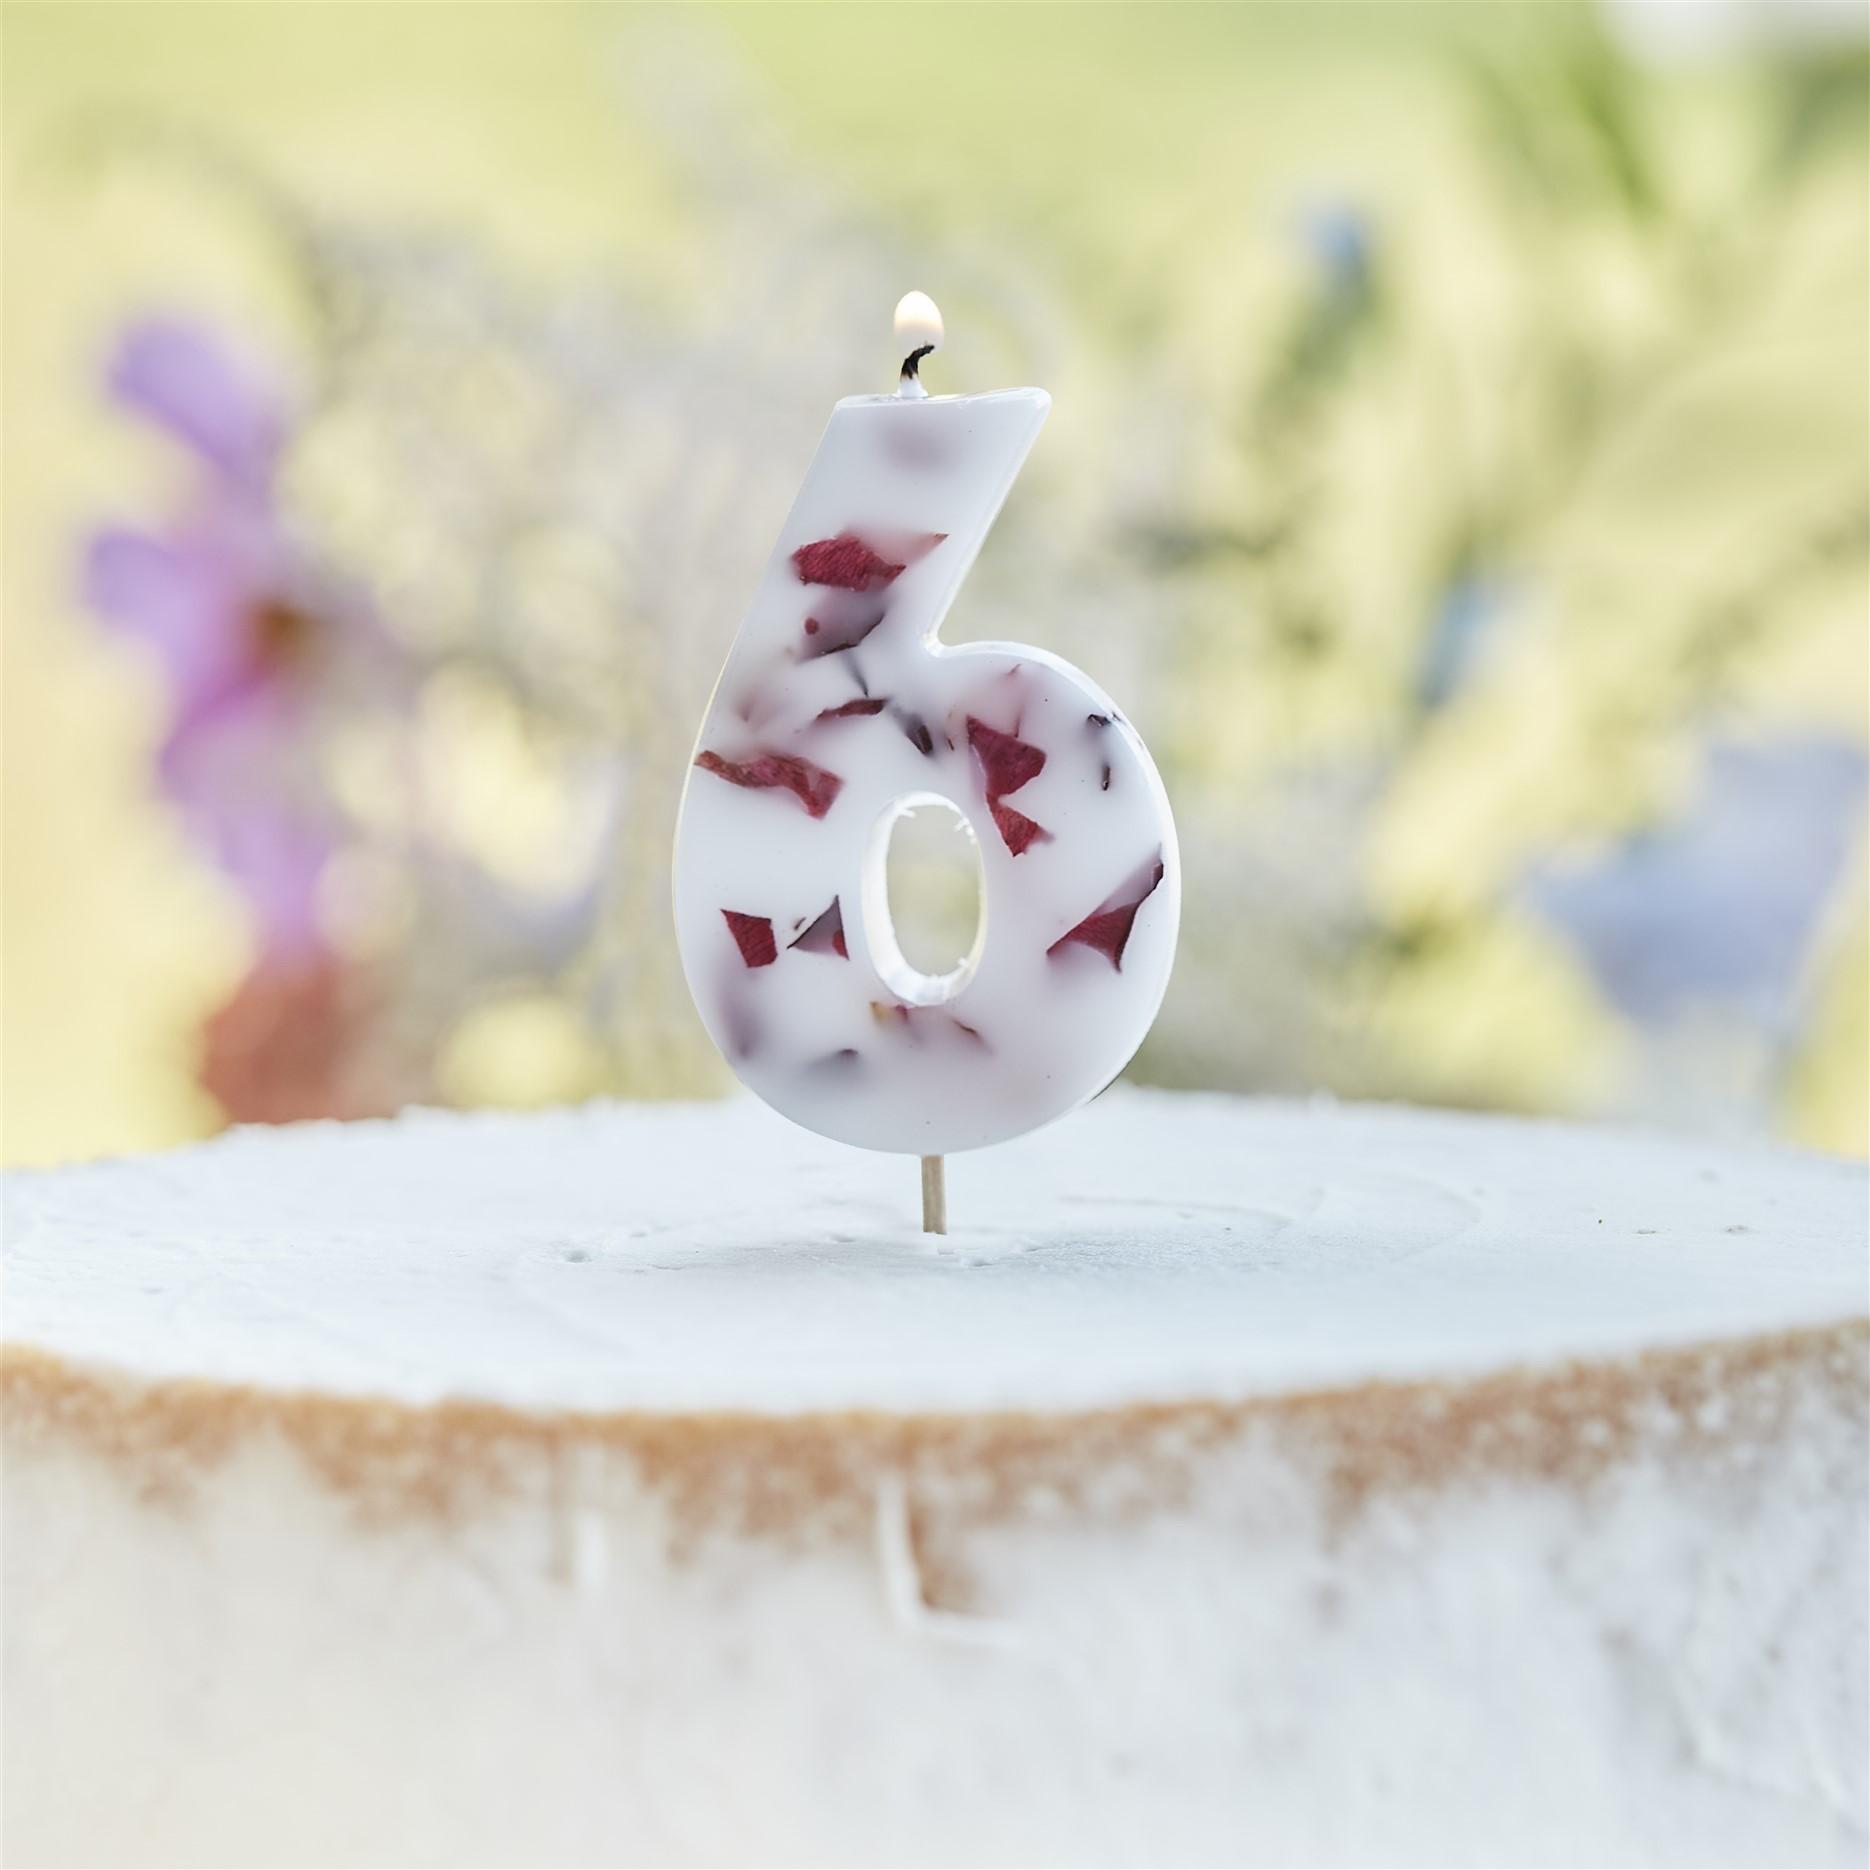 Κεράκι Αριθμός 6 Λευκό με Πέταλα Λουλουδιών